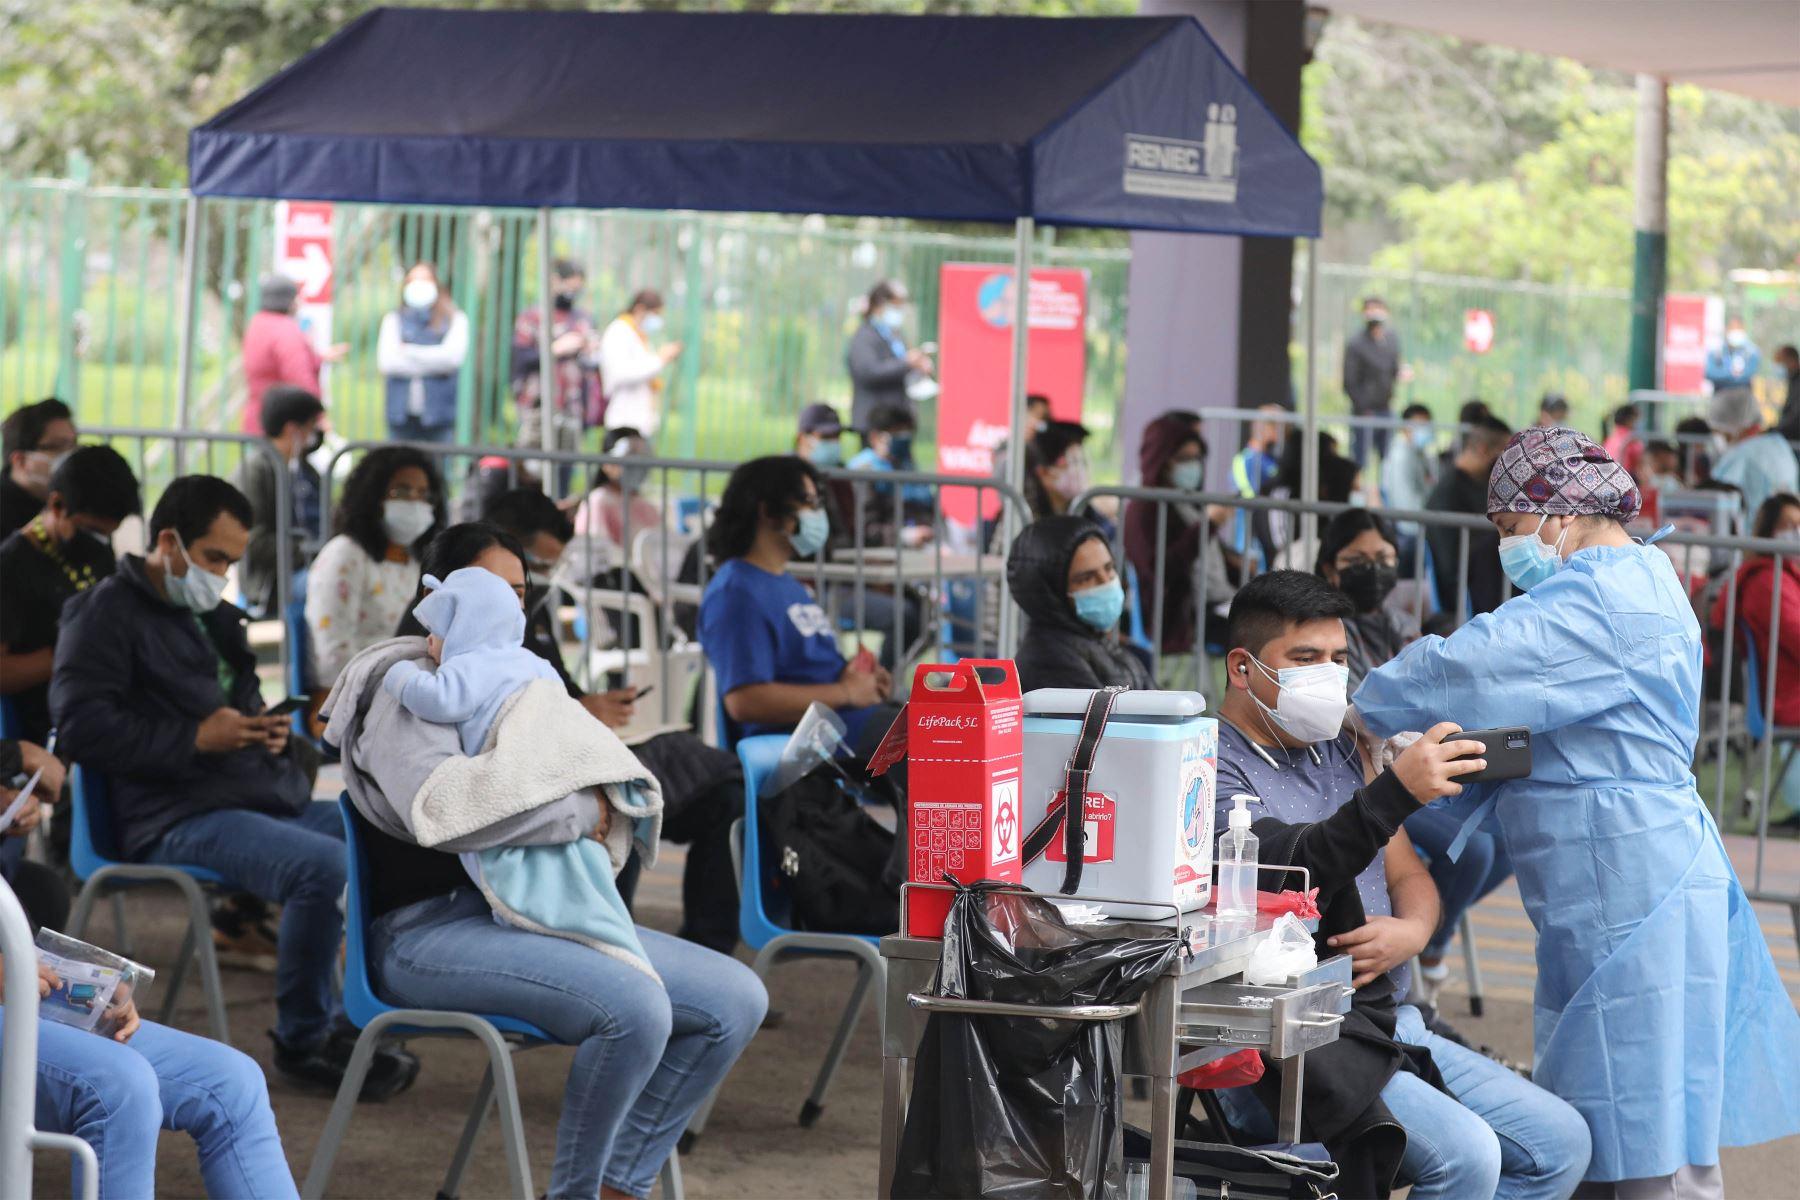 En el Perú, 9 millones 647,785 personas ya recibieron dos dosis de la vacuna contra la covid-19. ANDINA/Andrés Valle